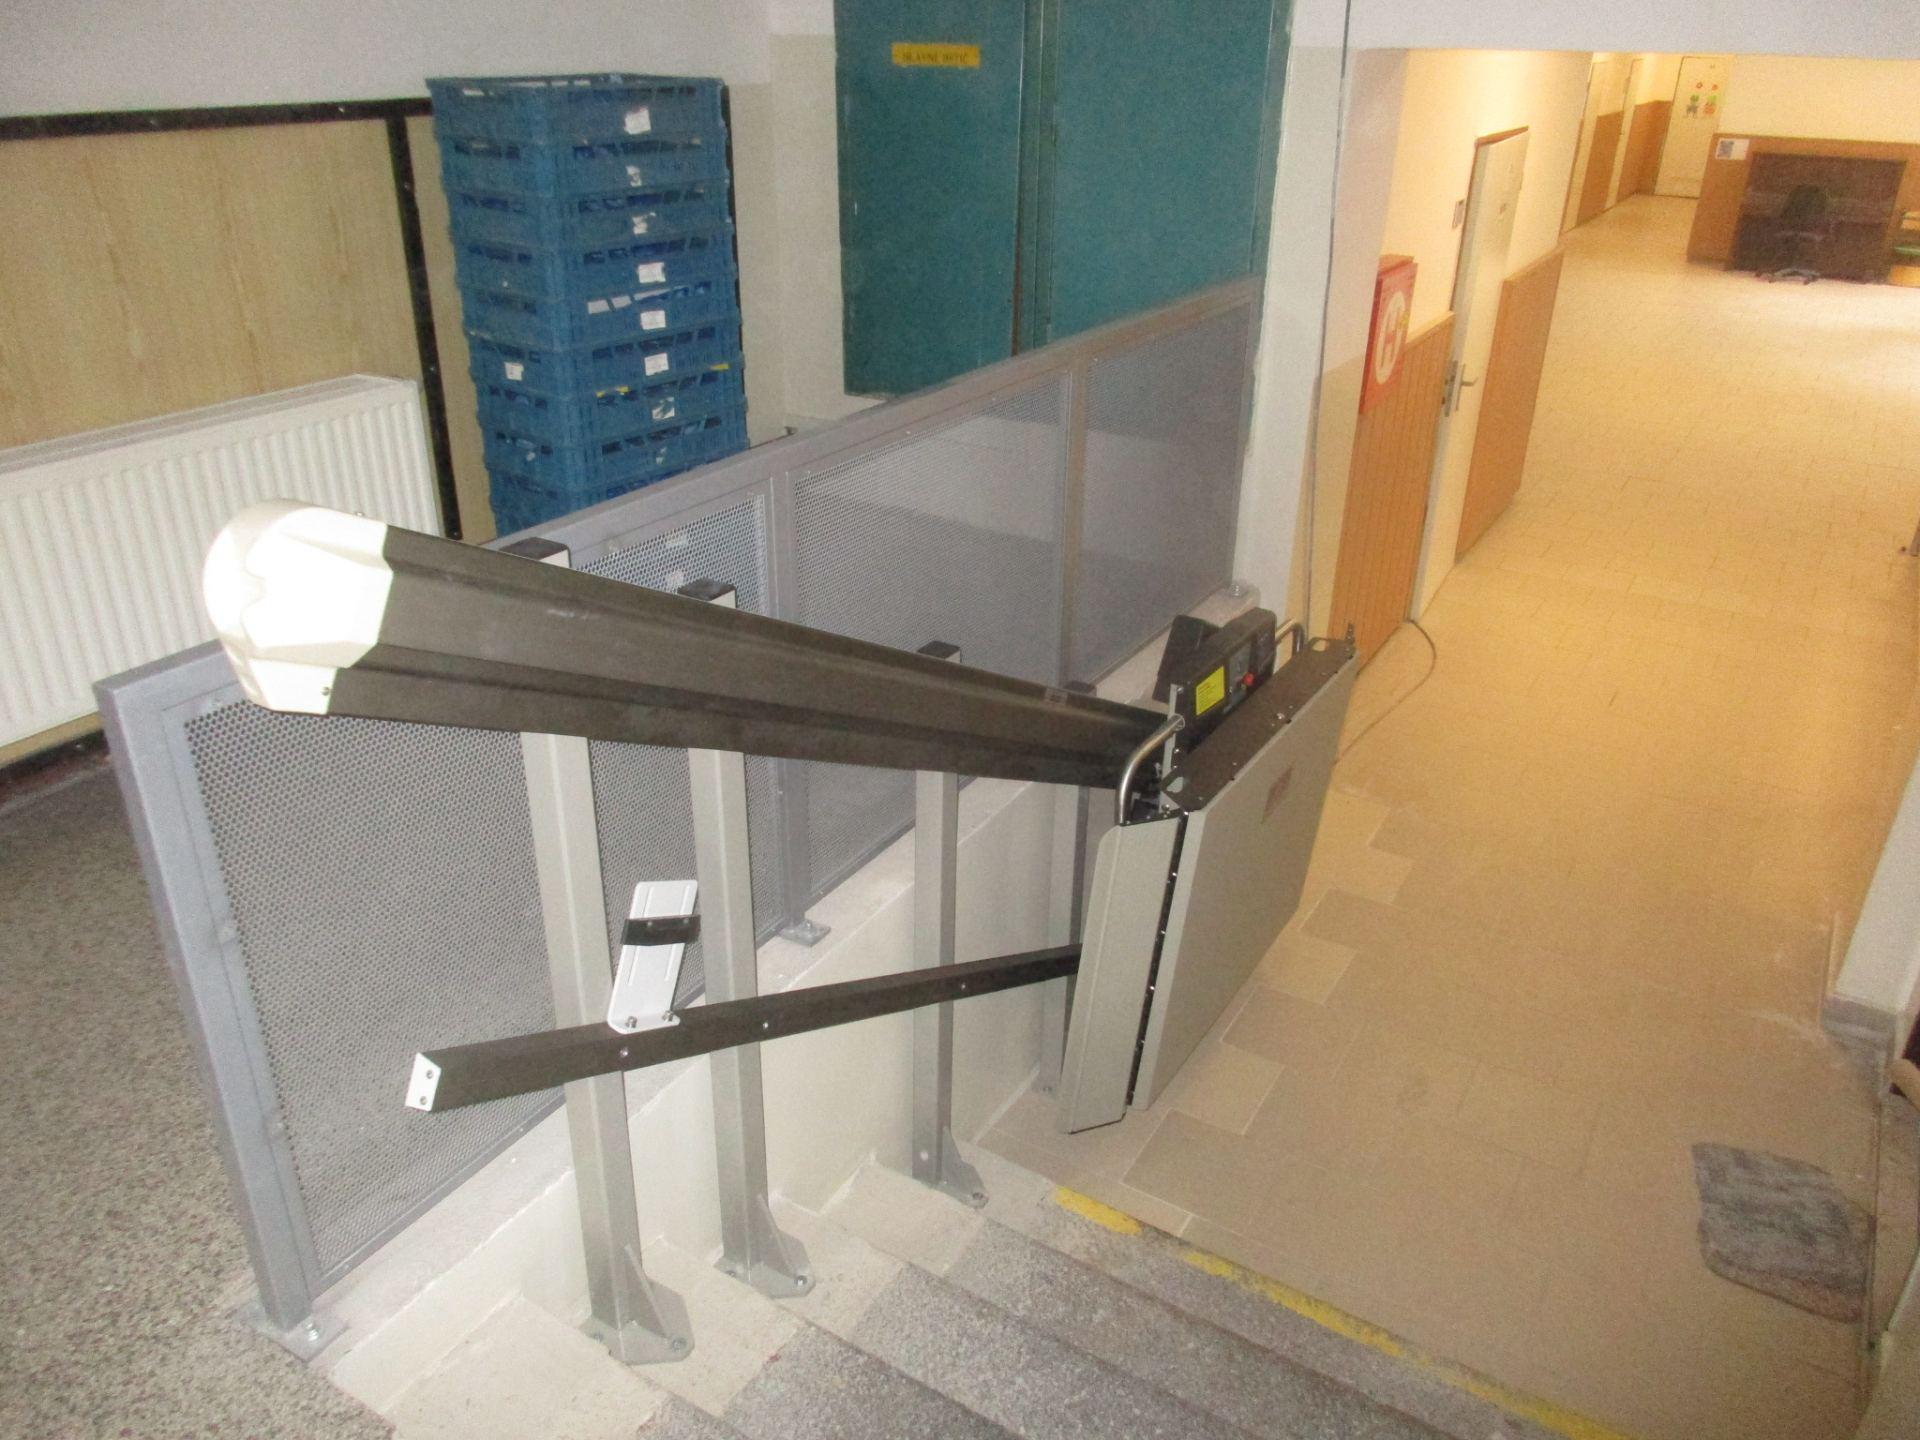 osazení plošiny na schodišti